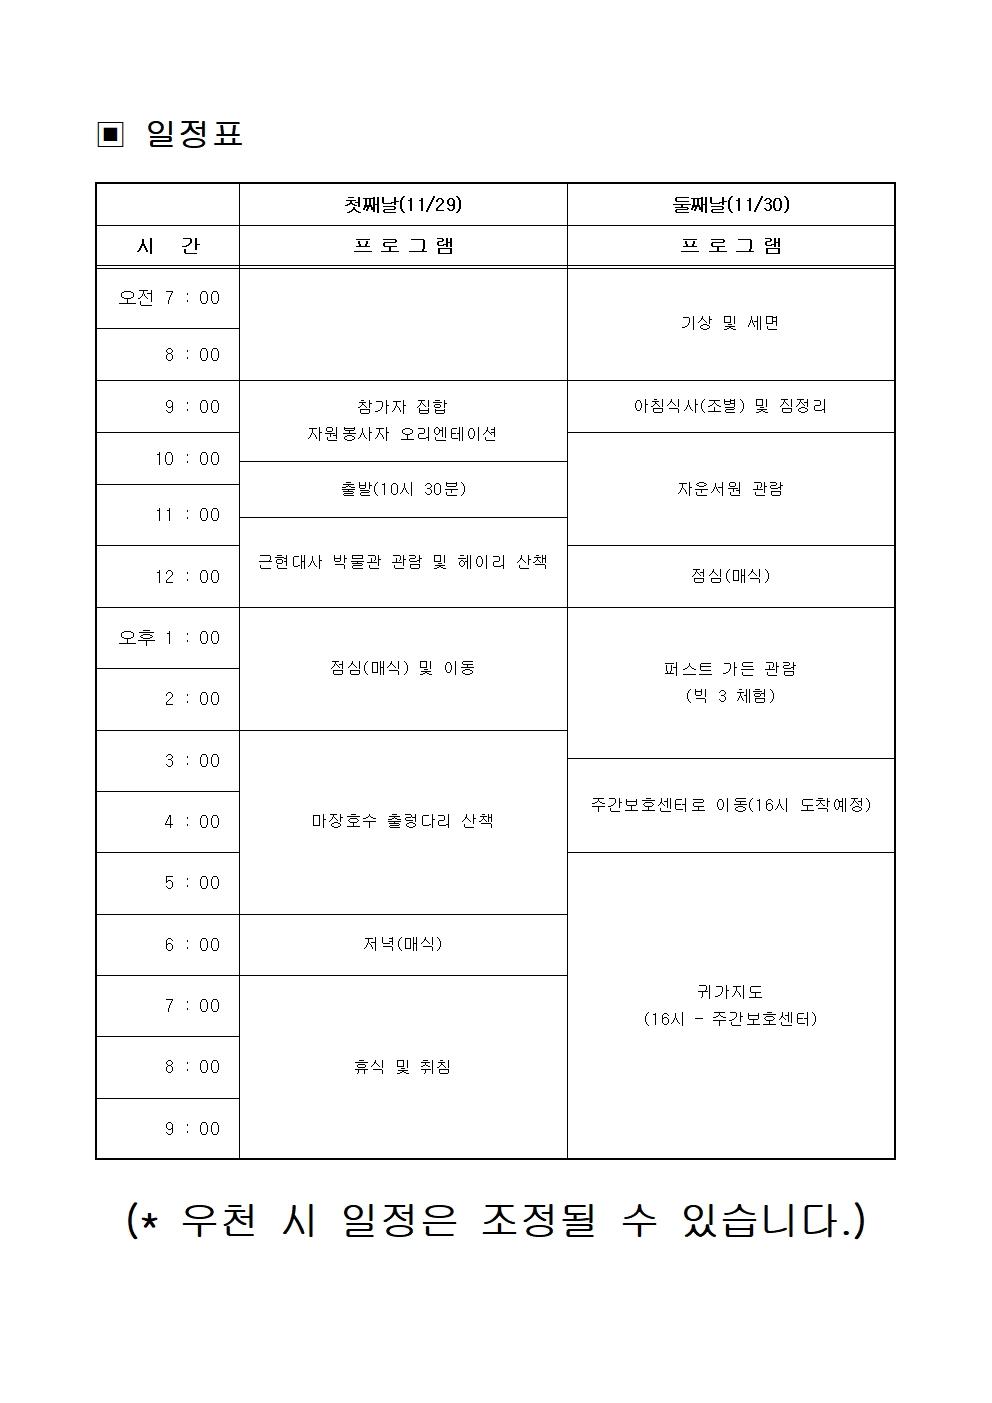 201911-마사회-여행동아리-가정통신문002.jpg